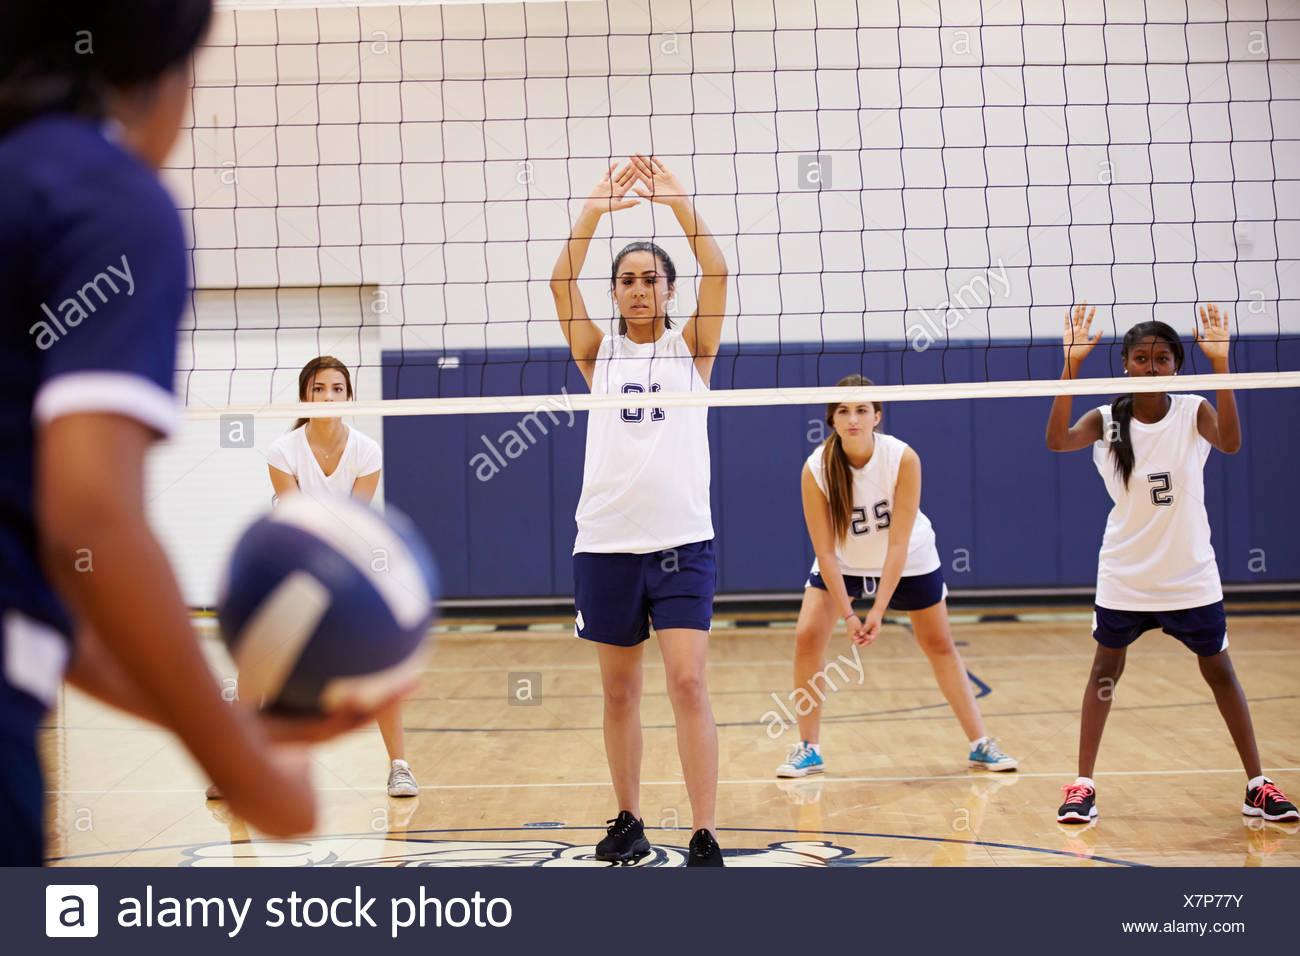 High School Volleyball Match en el gimnasio Imagen De Stock